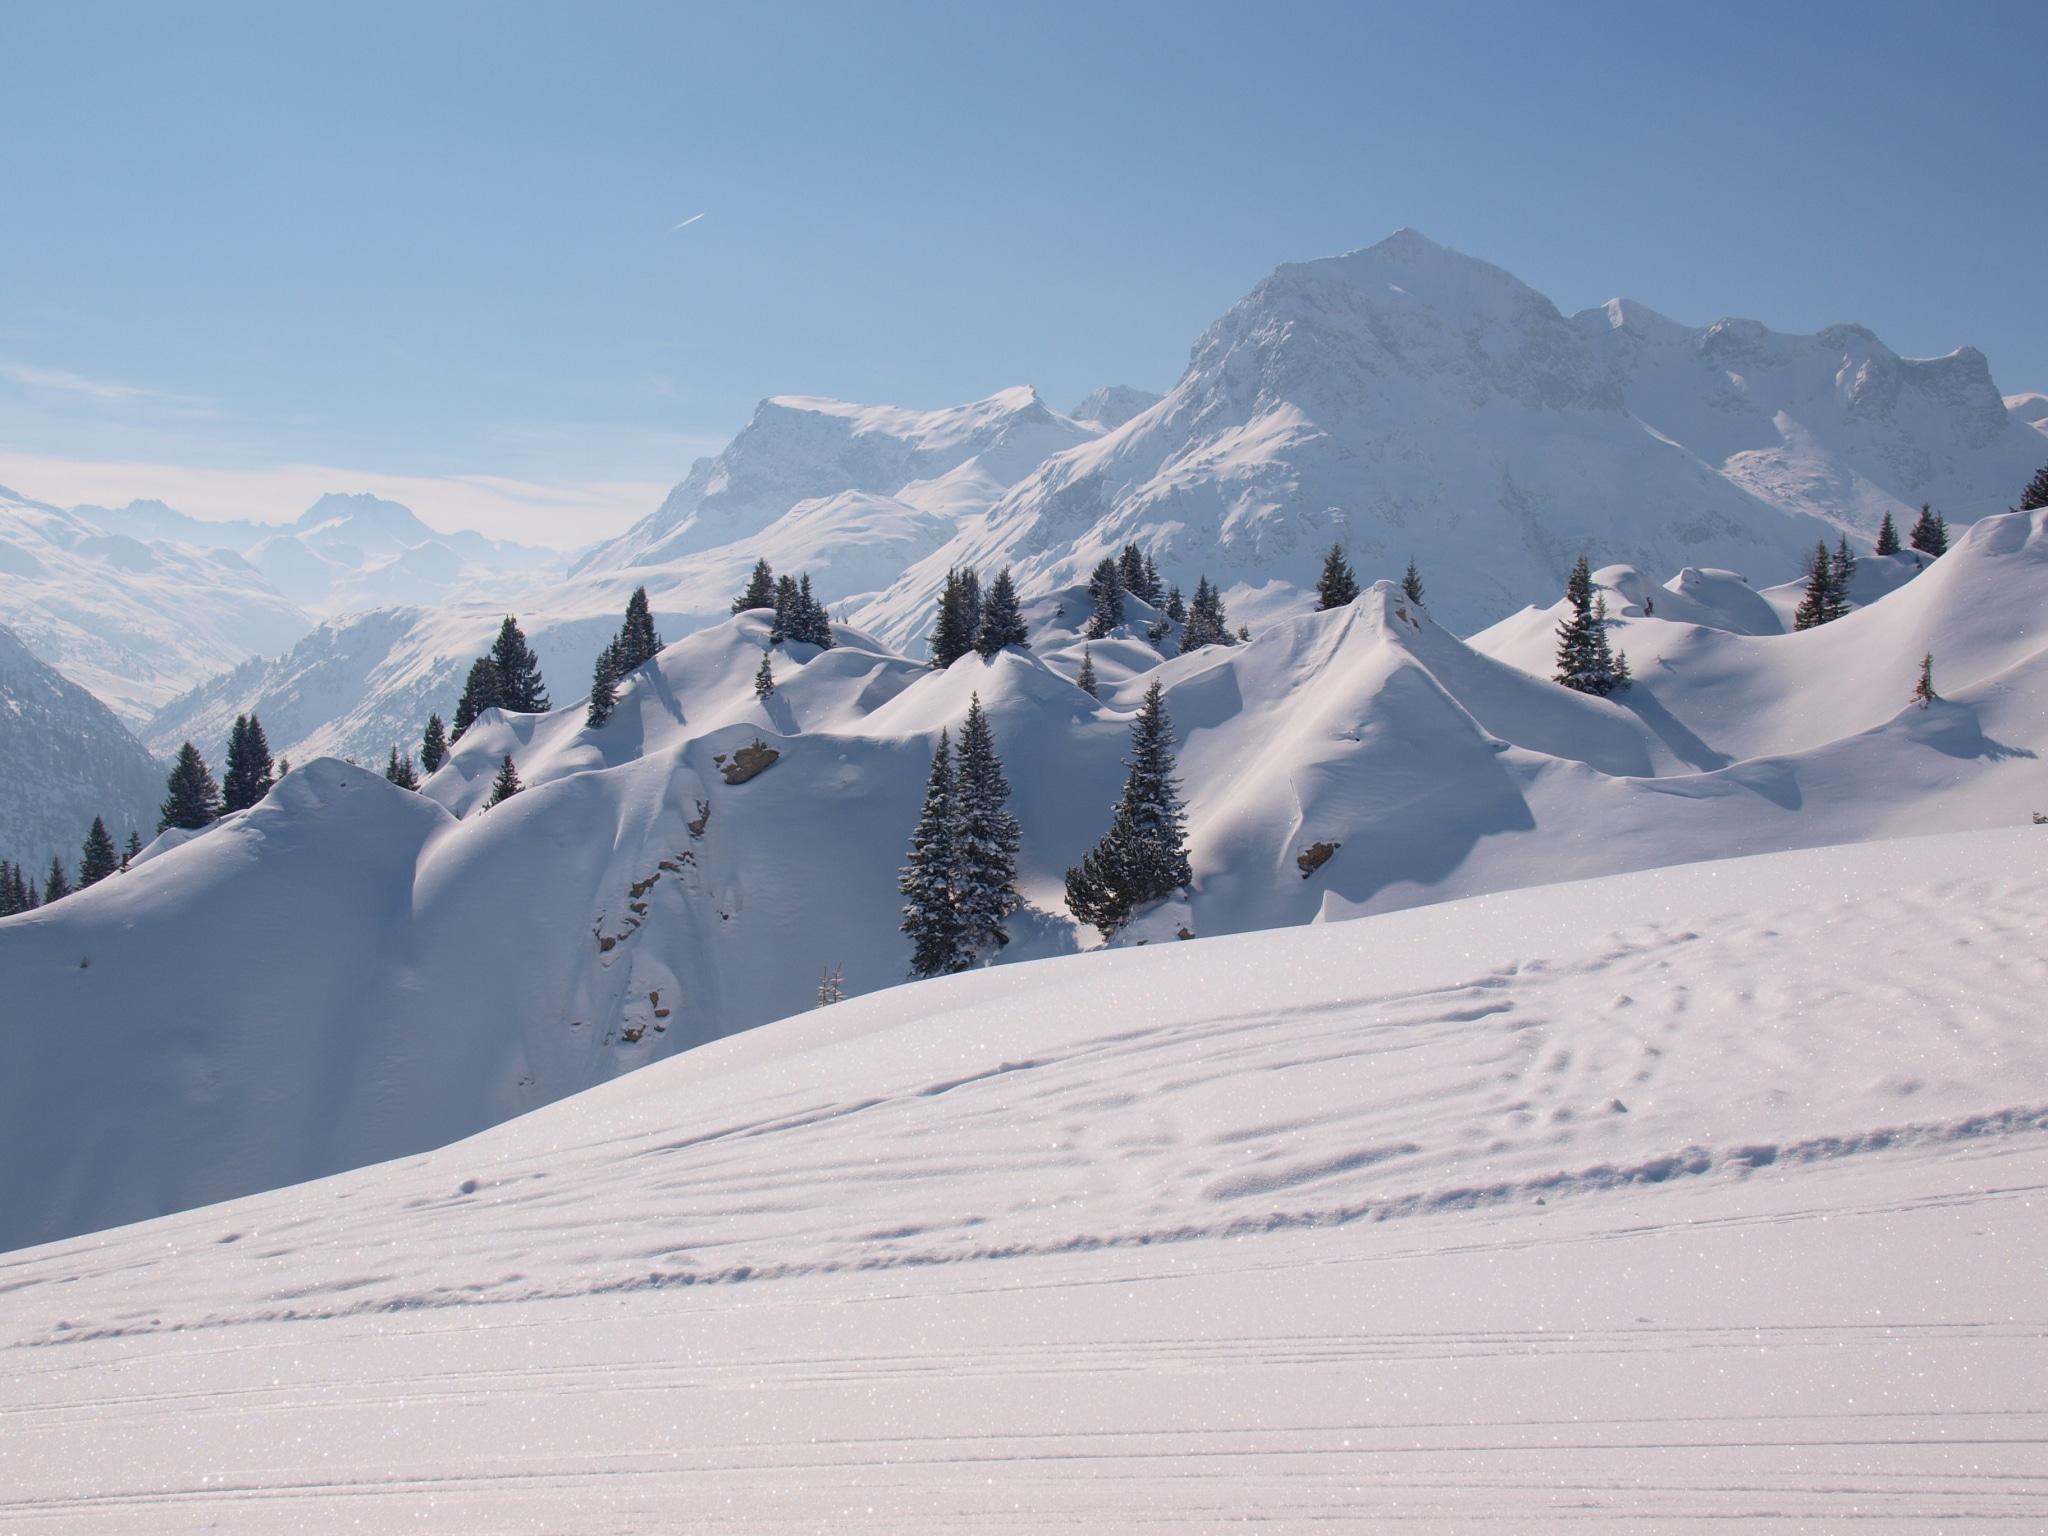 Ihr Winterurlaub am Arlberg gestaltet sich für die ganze Familie vielfältig